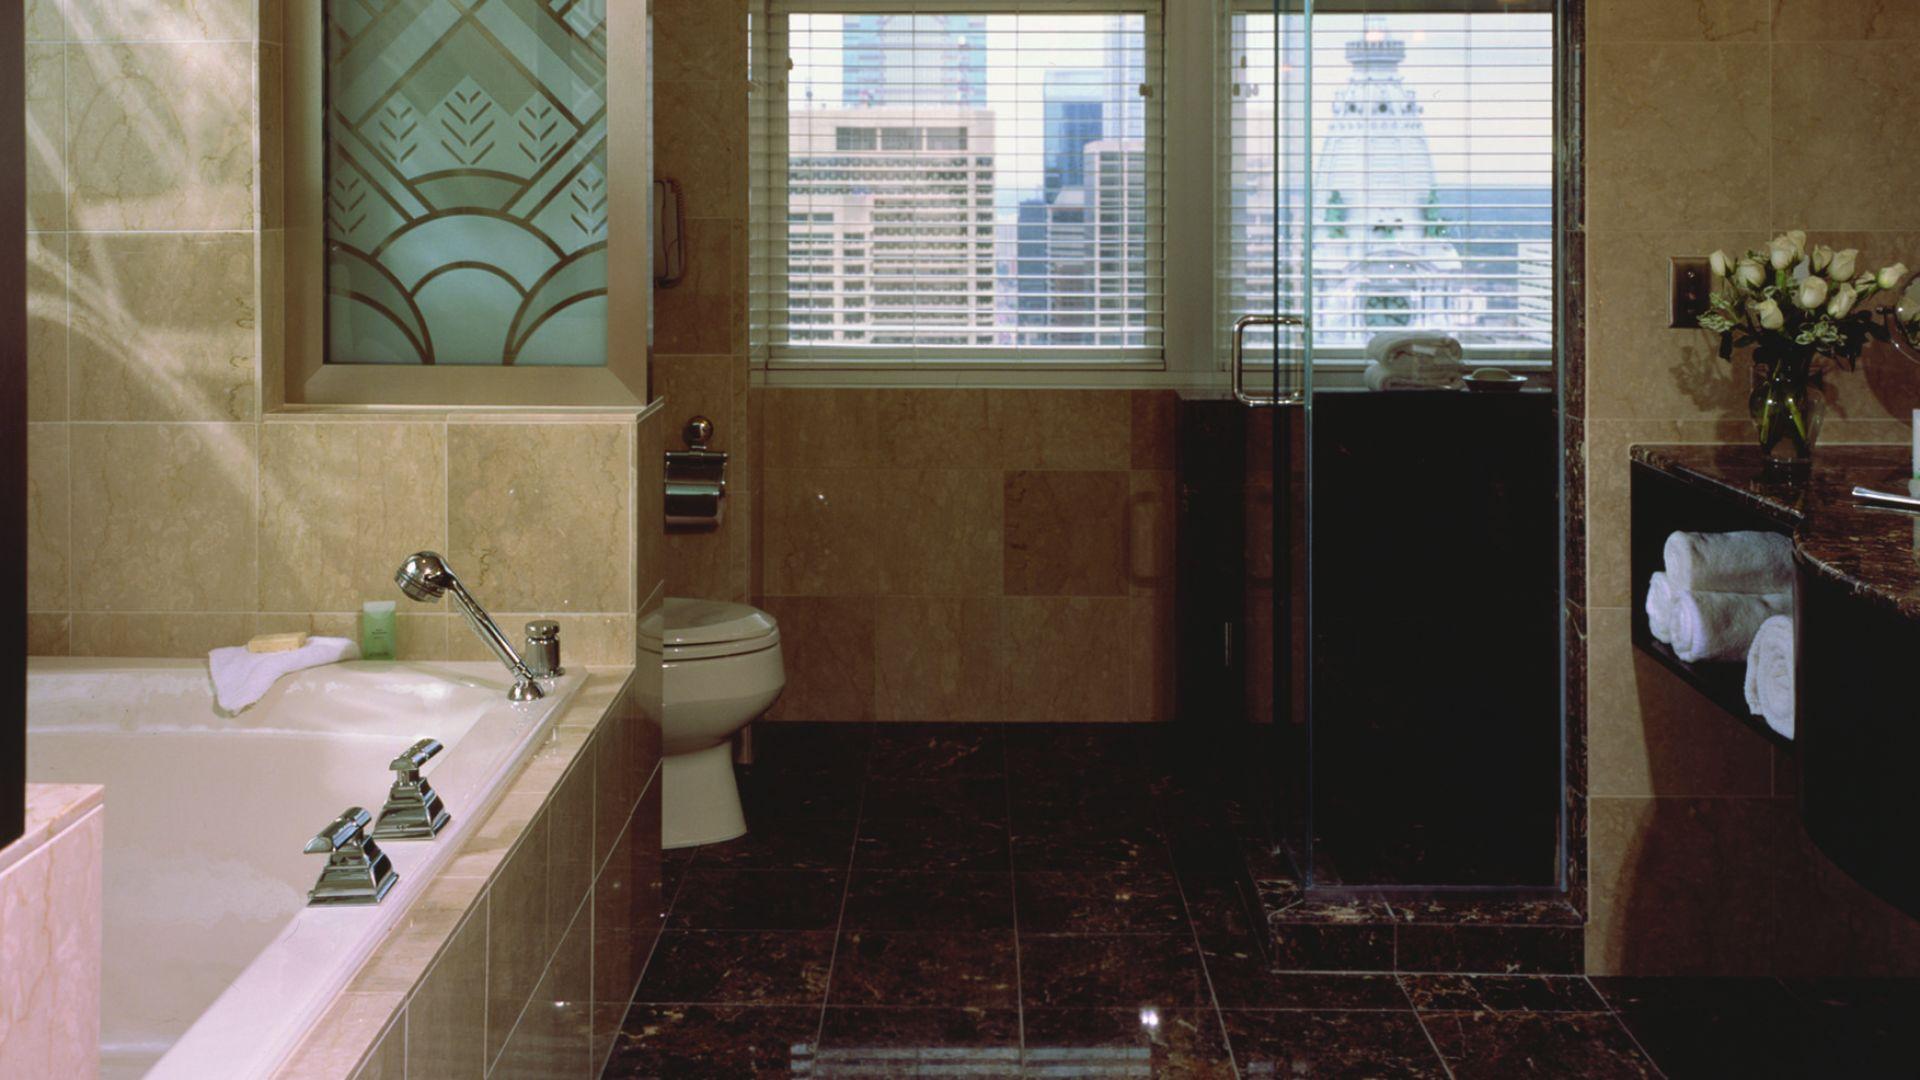 Baño de la suite | Loews Philadelphia Hotel